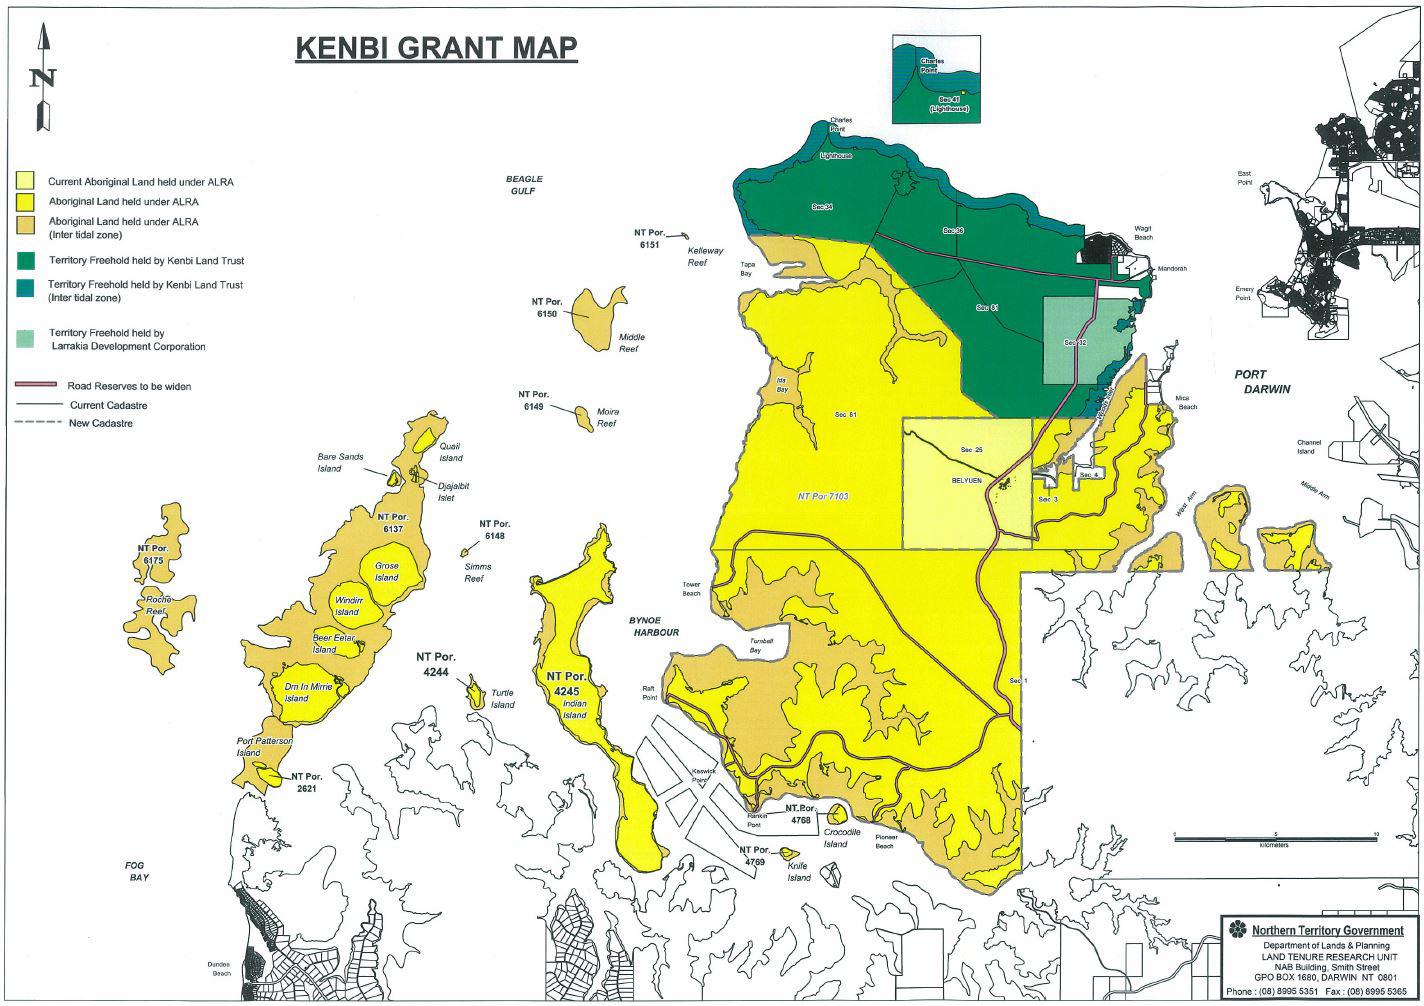 Kenbi grant map